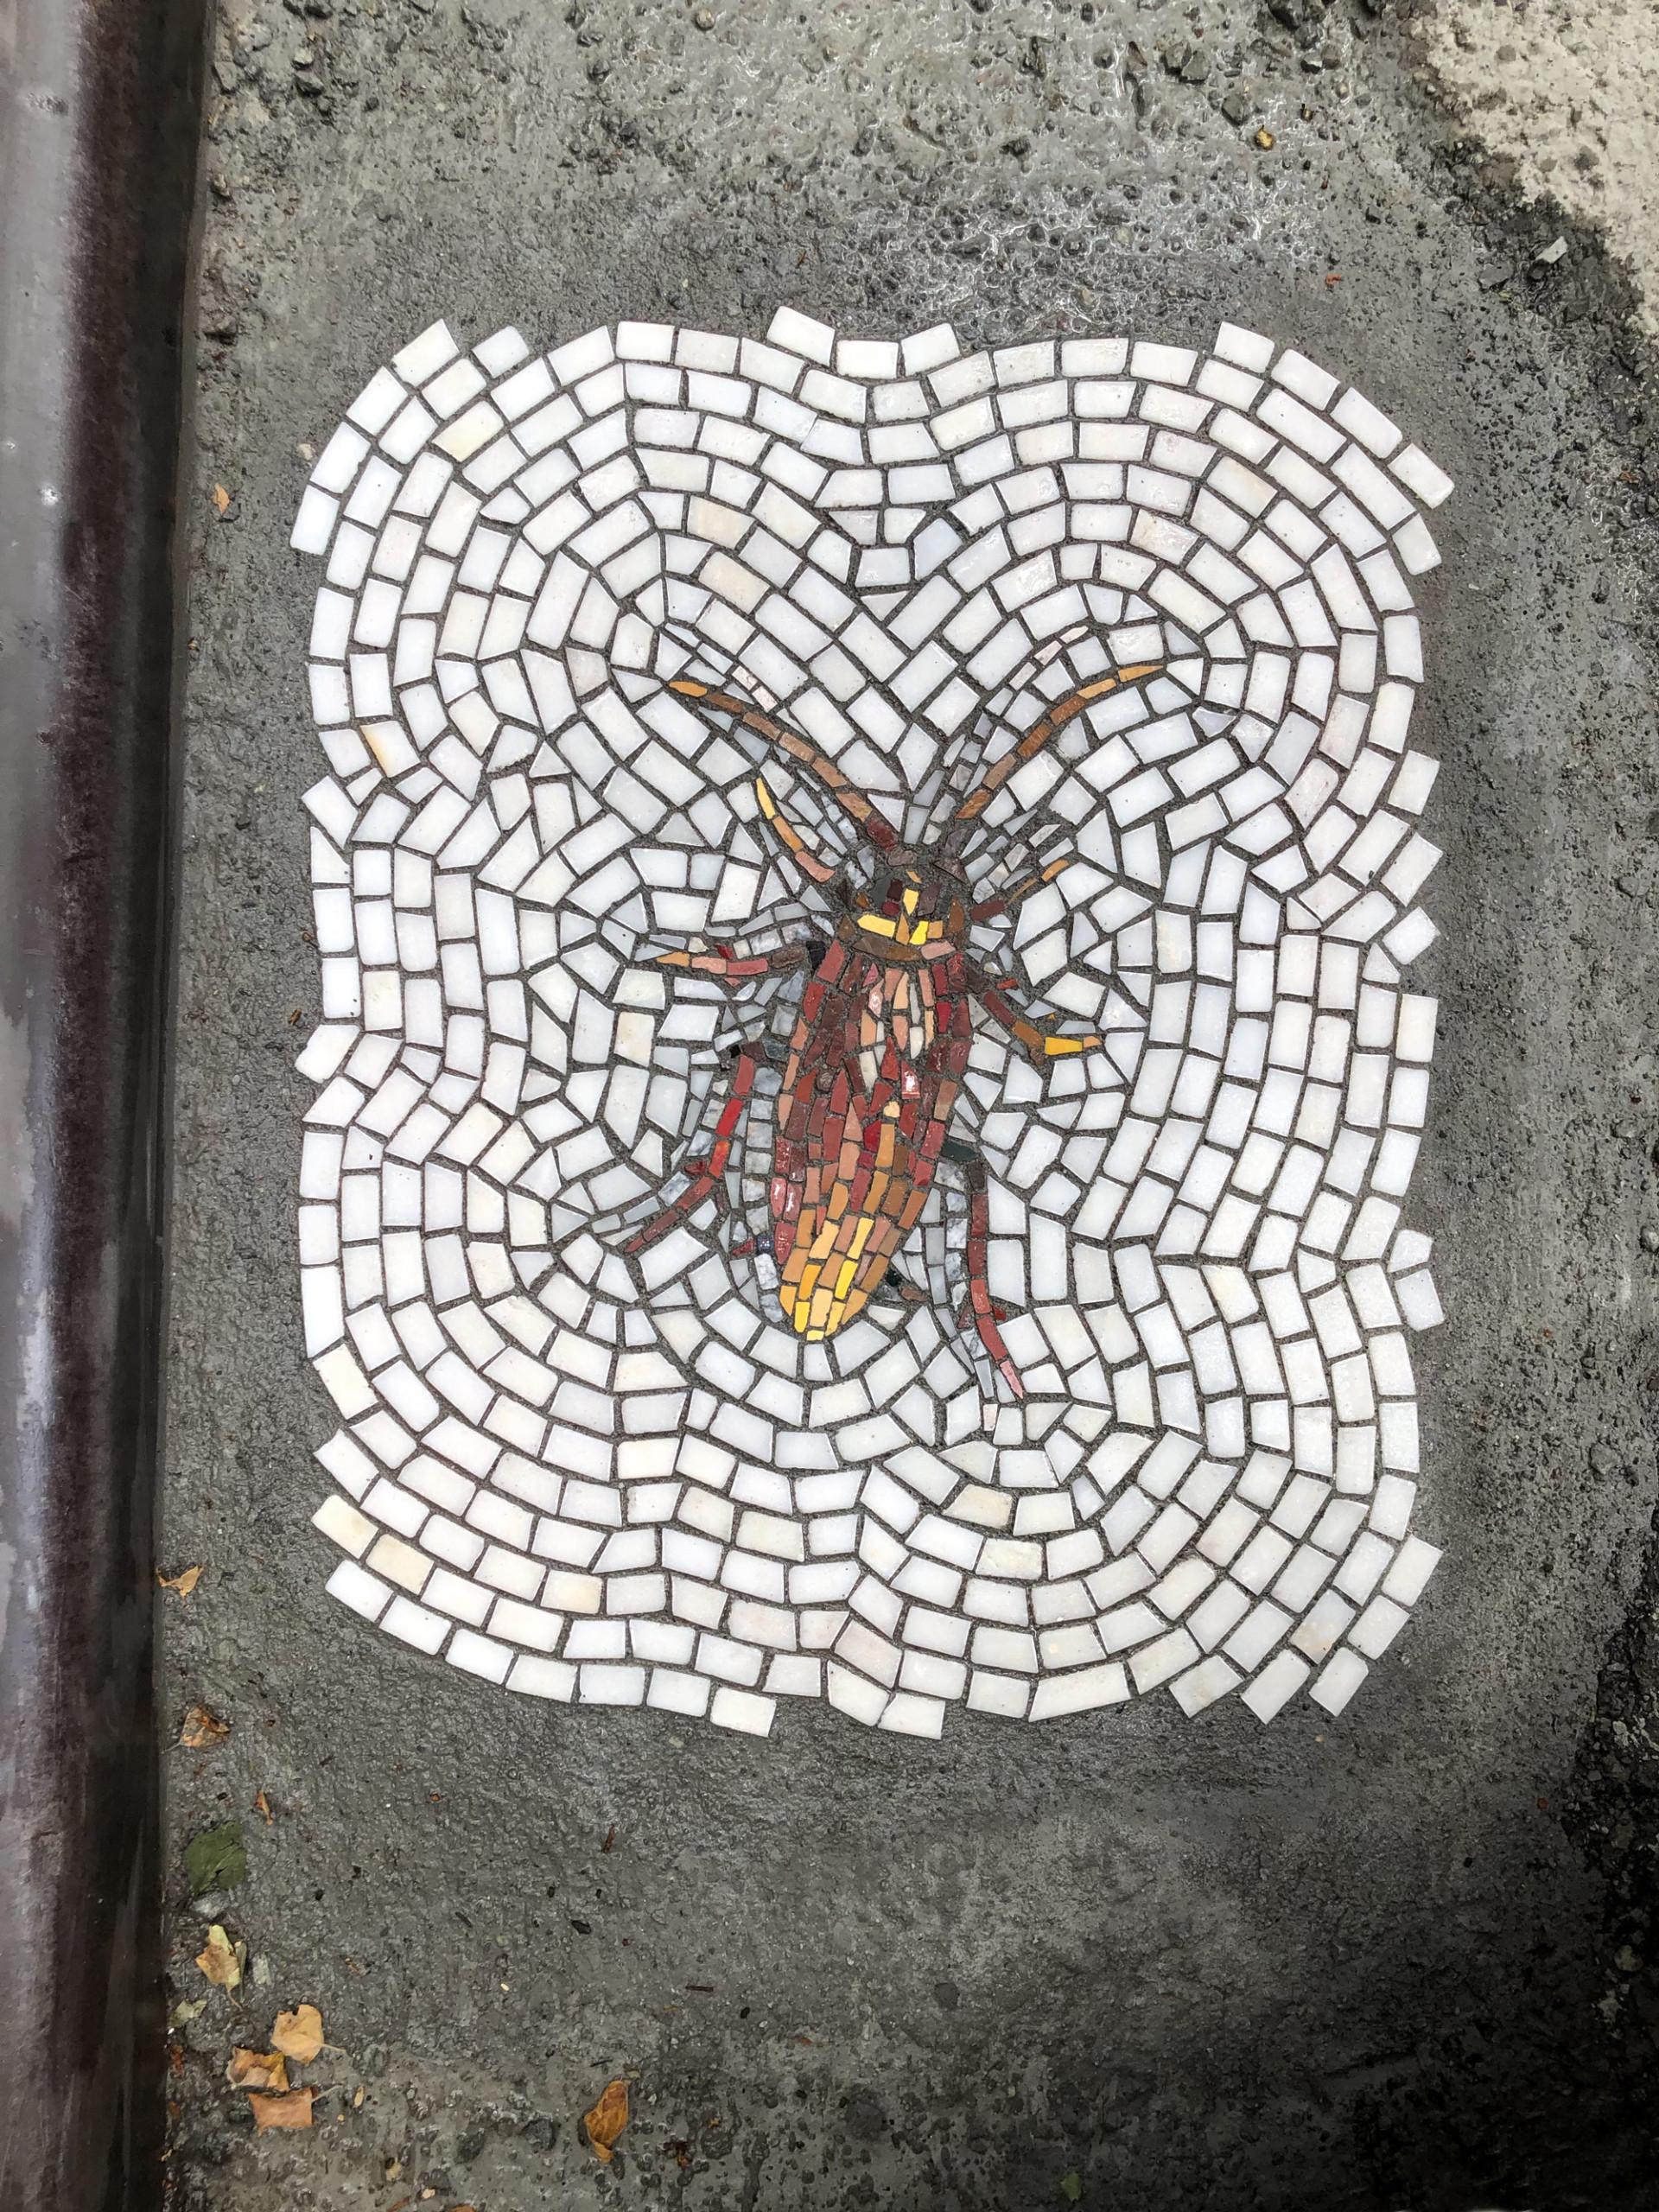 bachor-dead-cockroach1-960x1280@2x.jpg